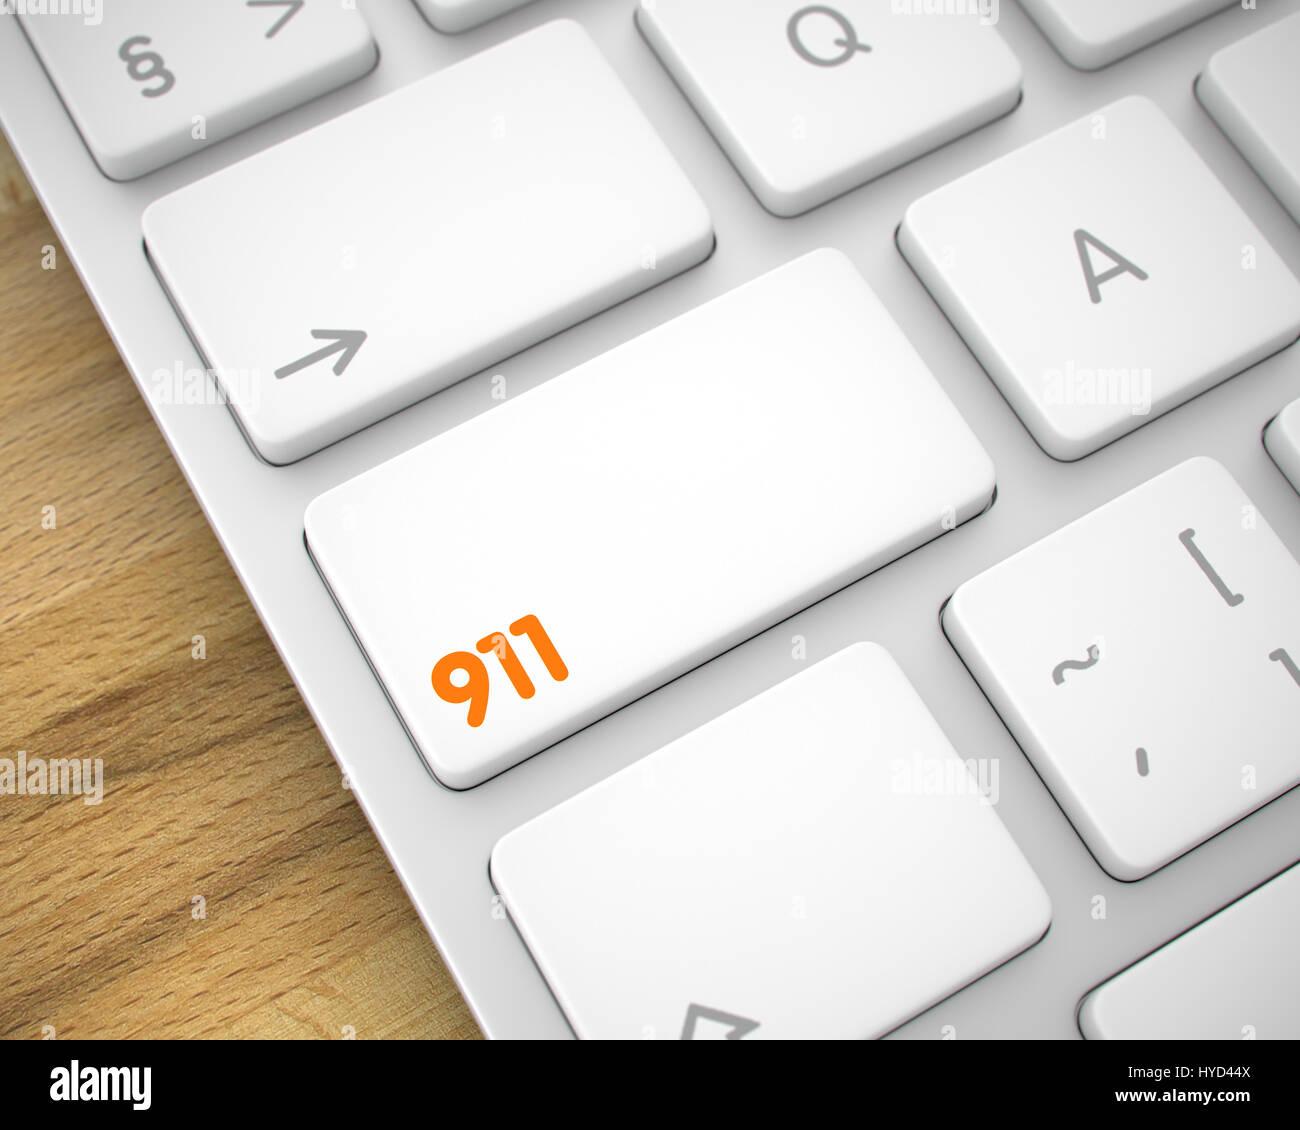 911 Call Center Stock Photos Amp 911 Call Center Stock